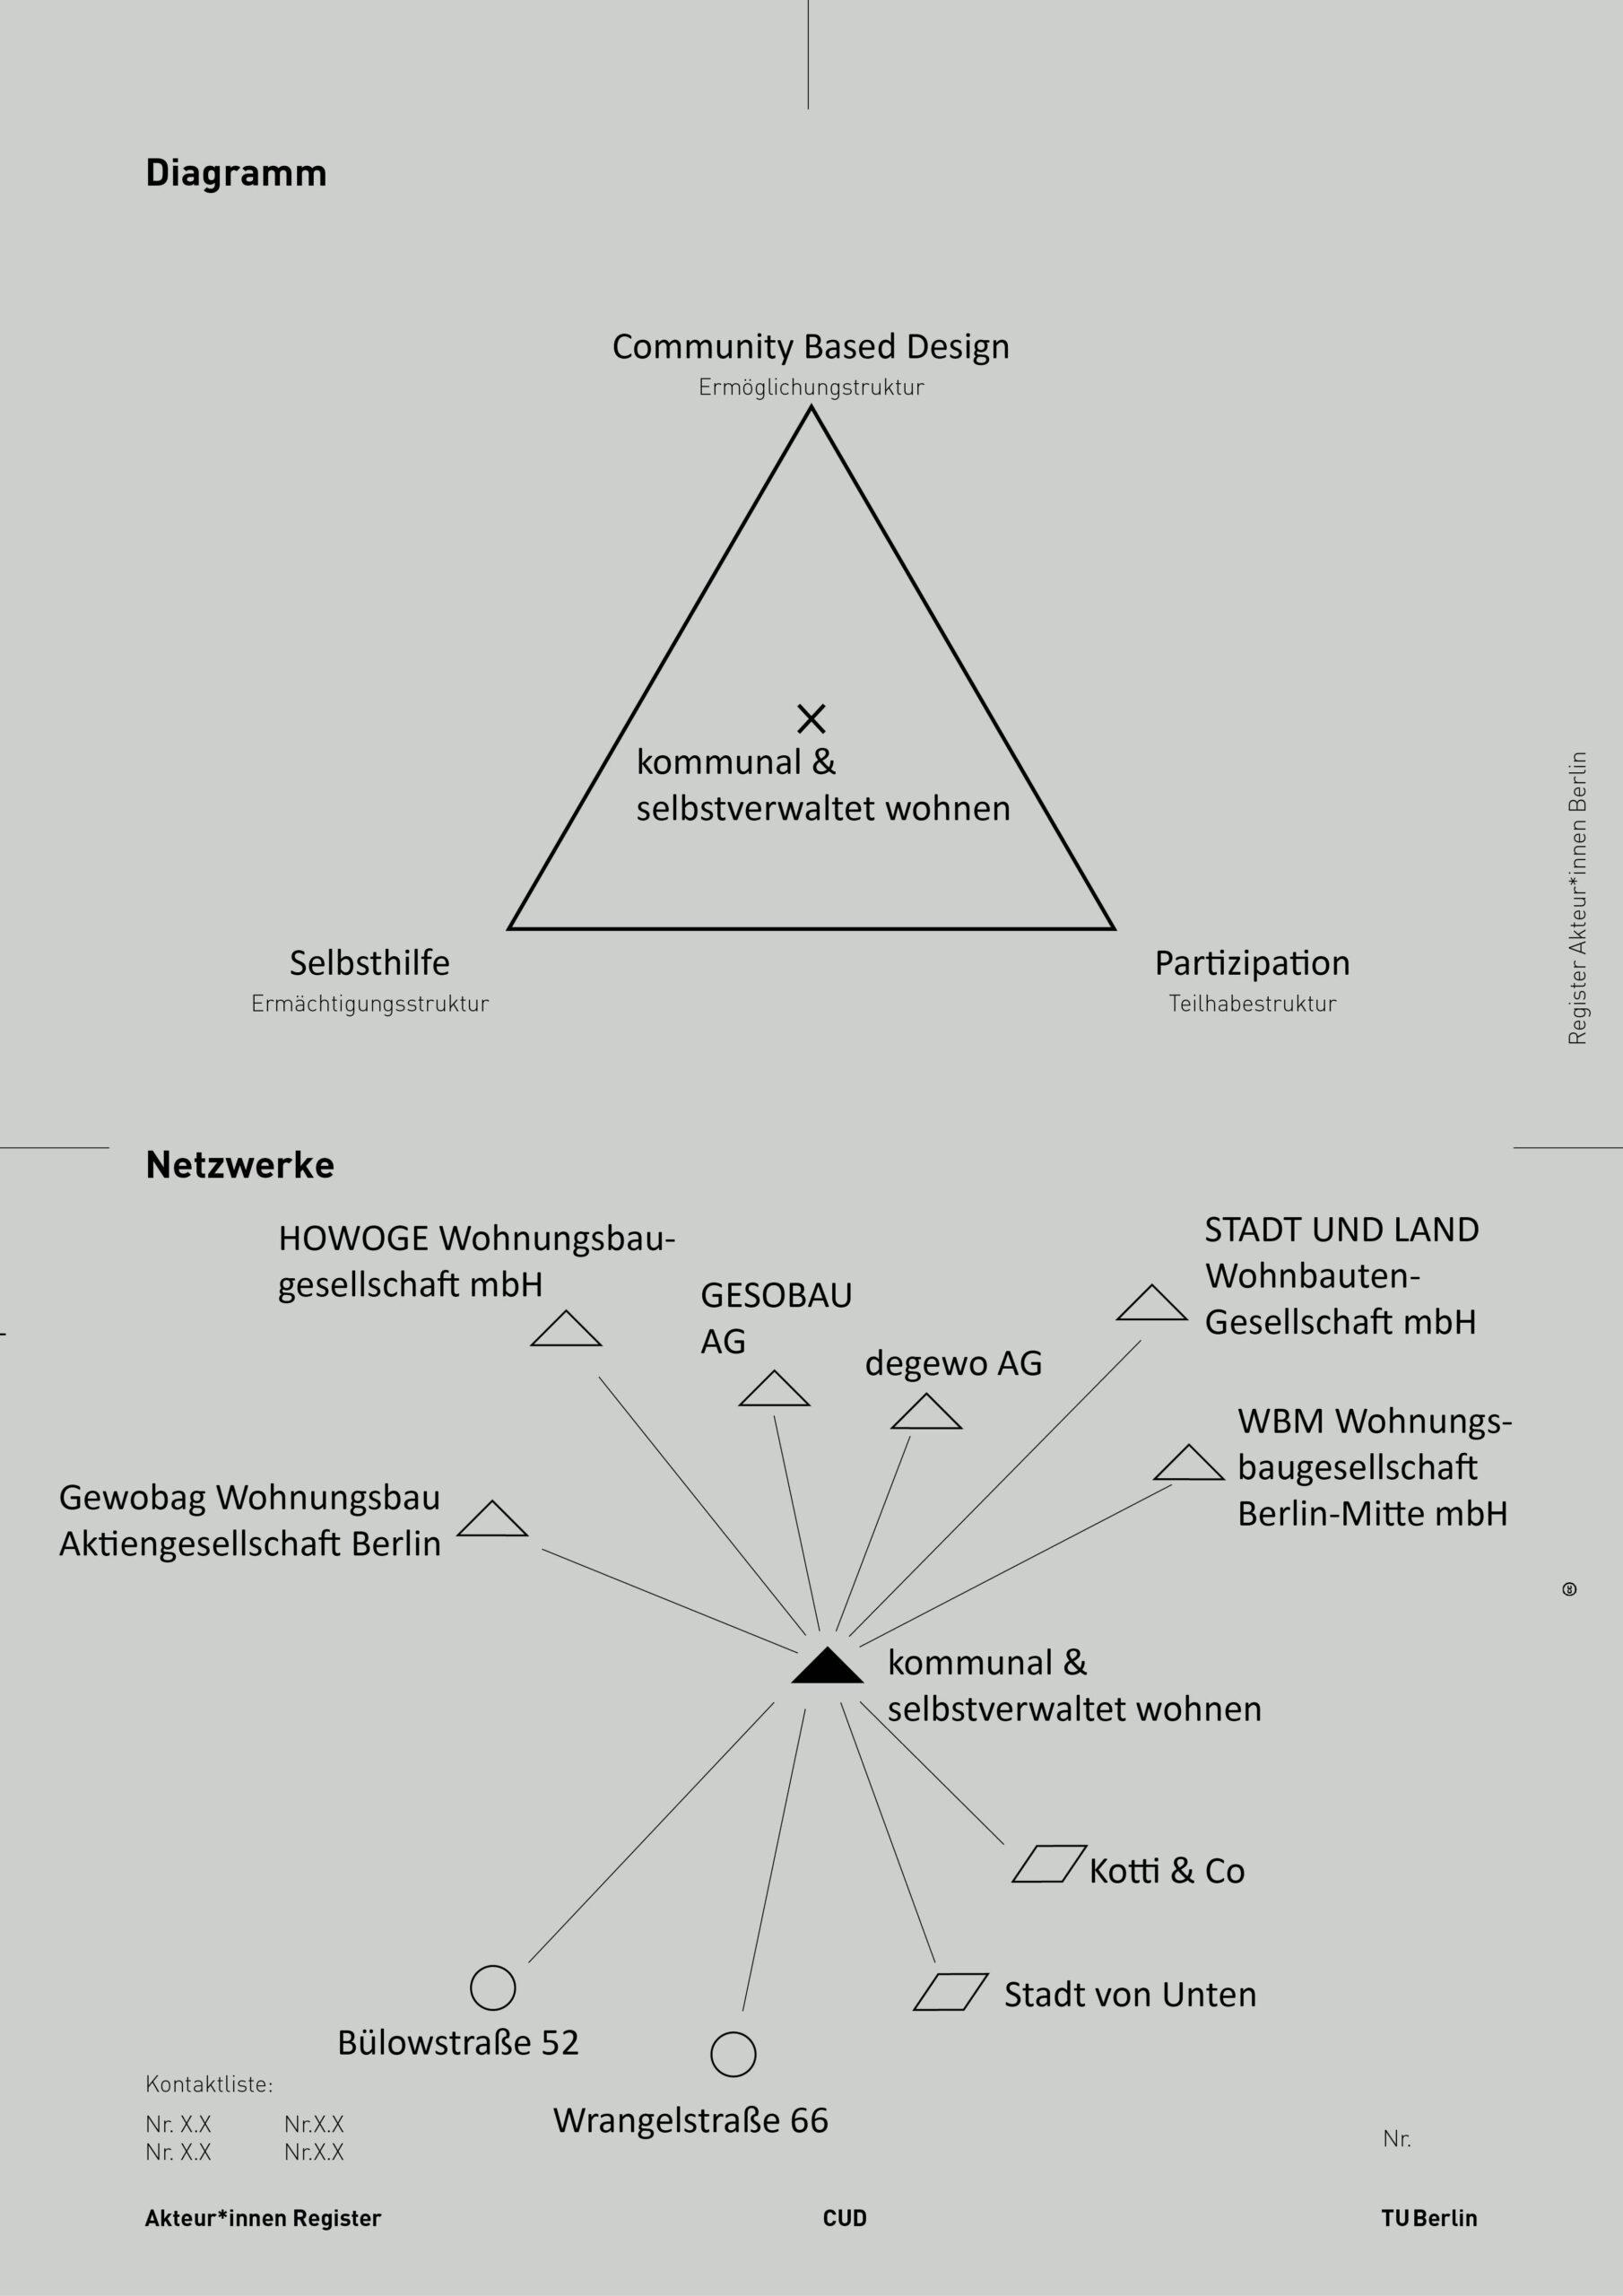 2021-05-17_AkteurInnen_Register_15